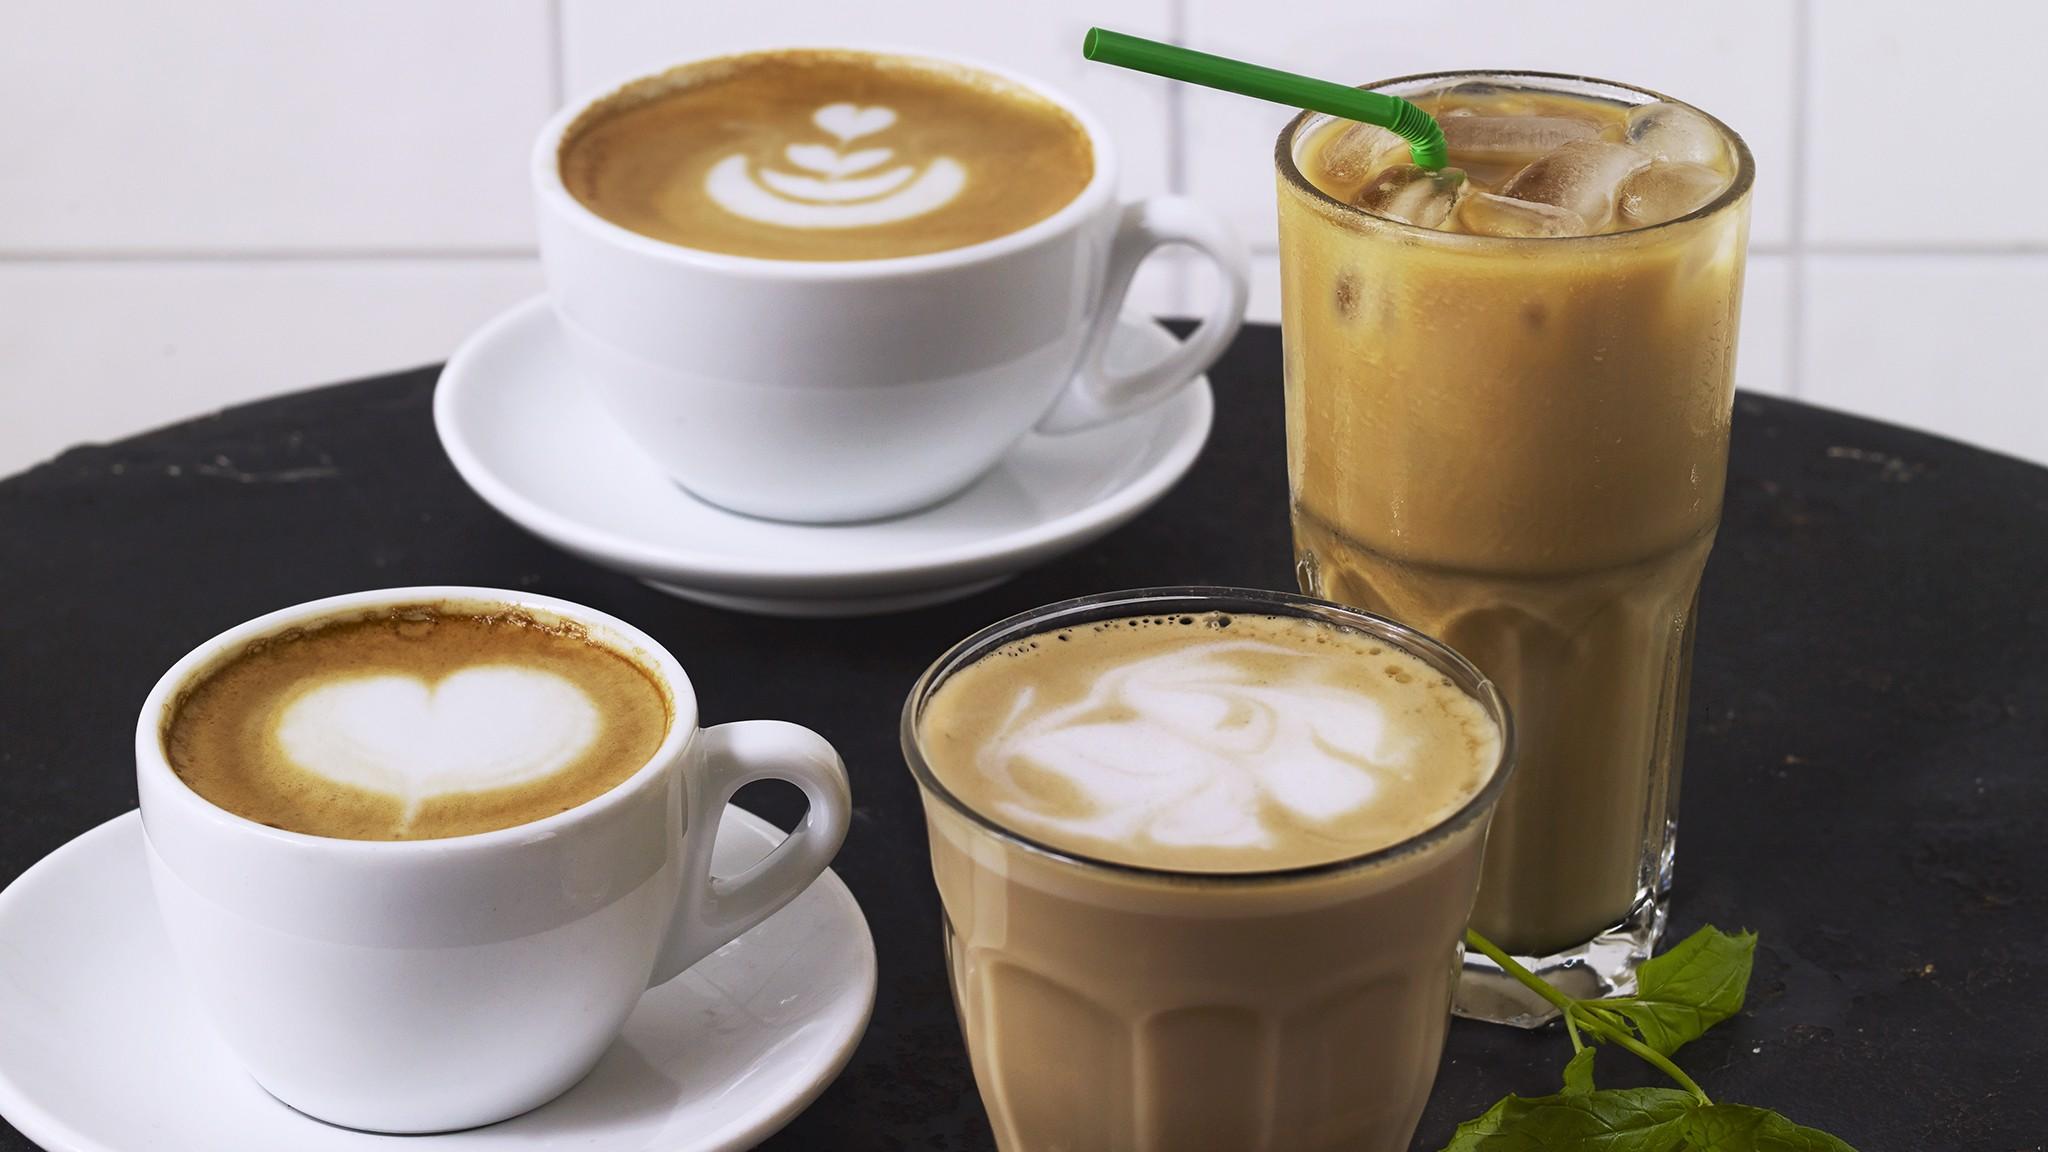 Lista med kaffesorter och cafétermer